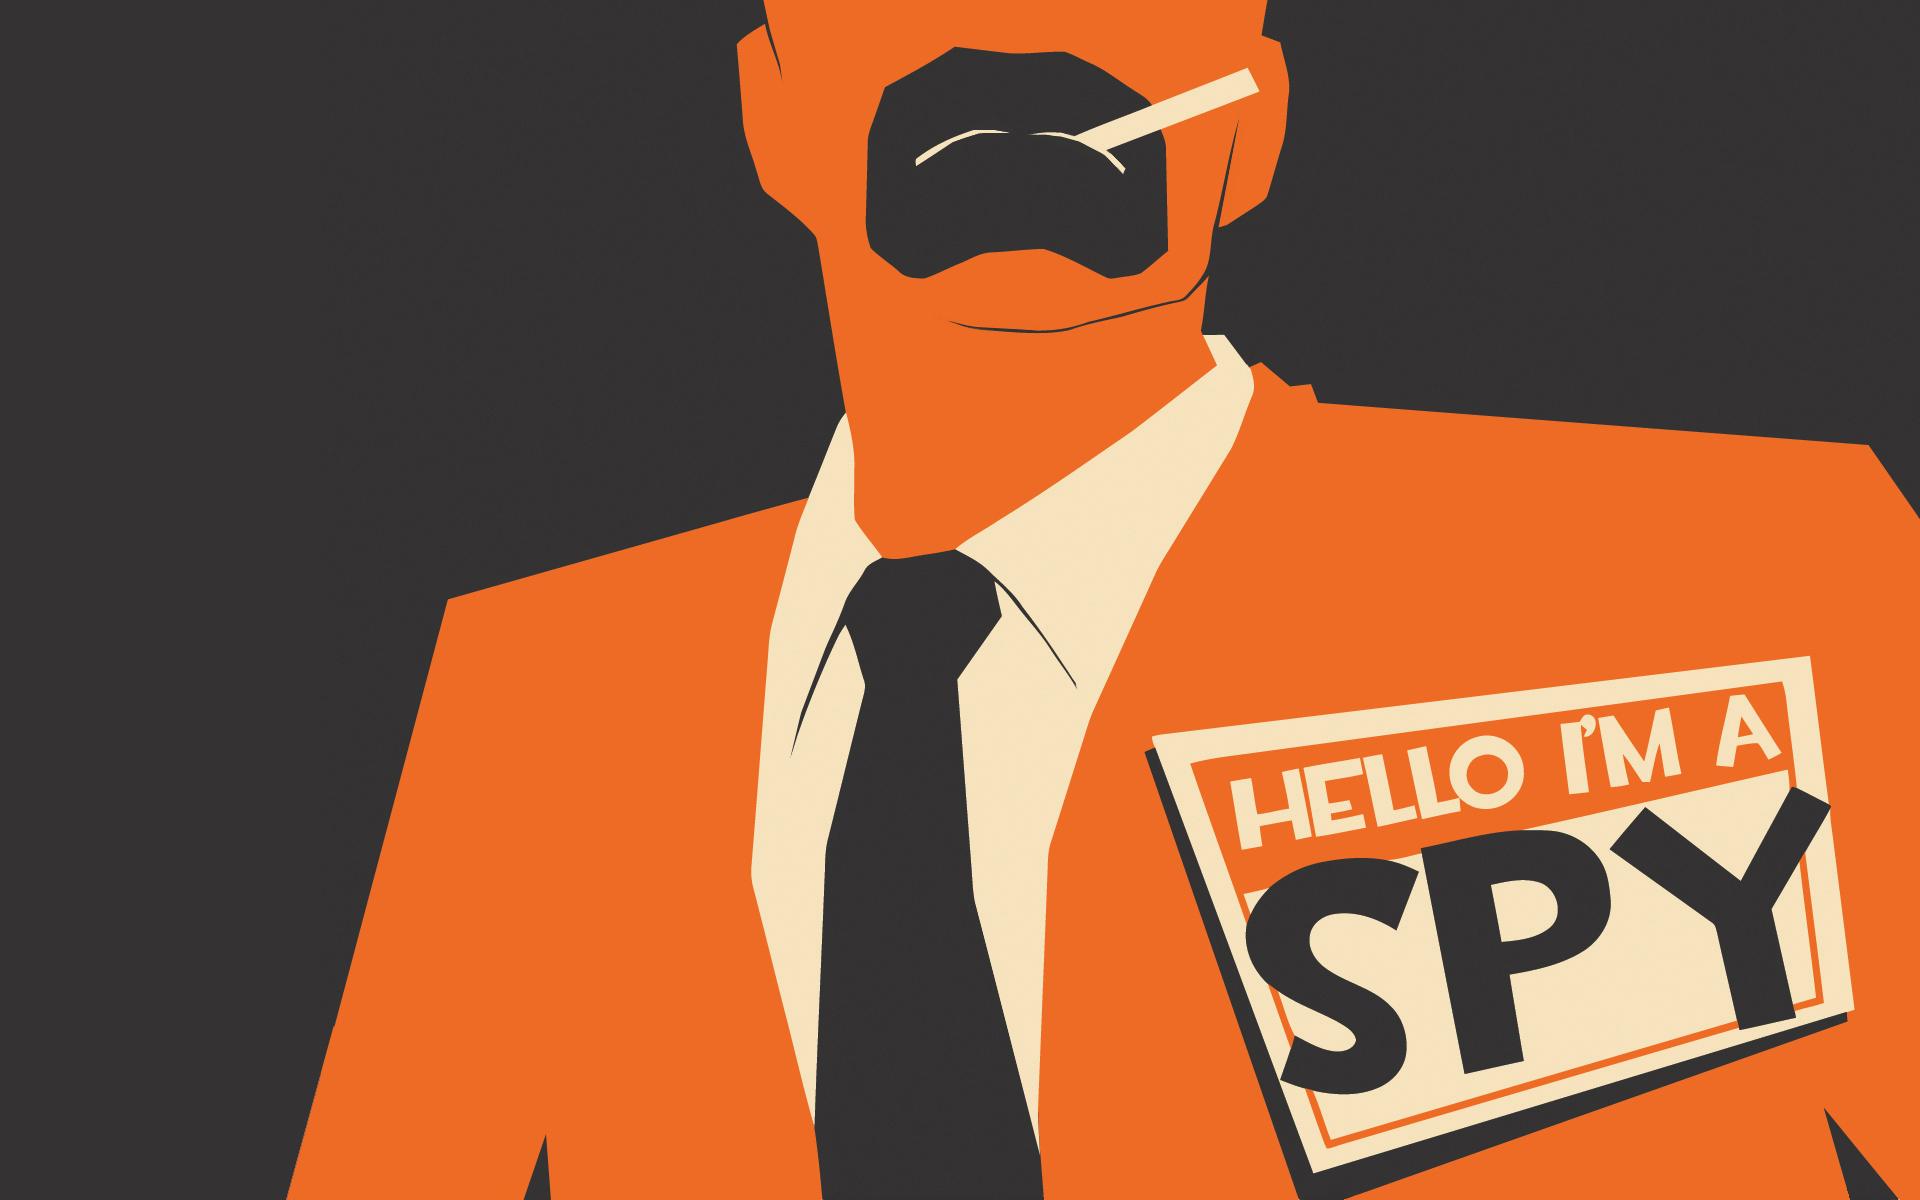 Spy Hello Google Themes Im A Spy Hello Google Wallpapers Im A Spy 1920x1200